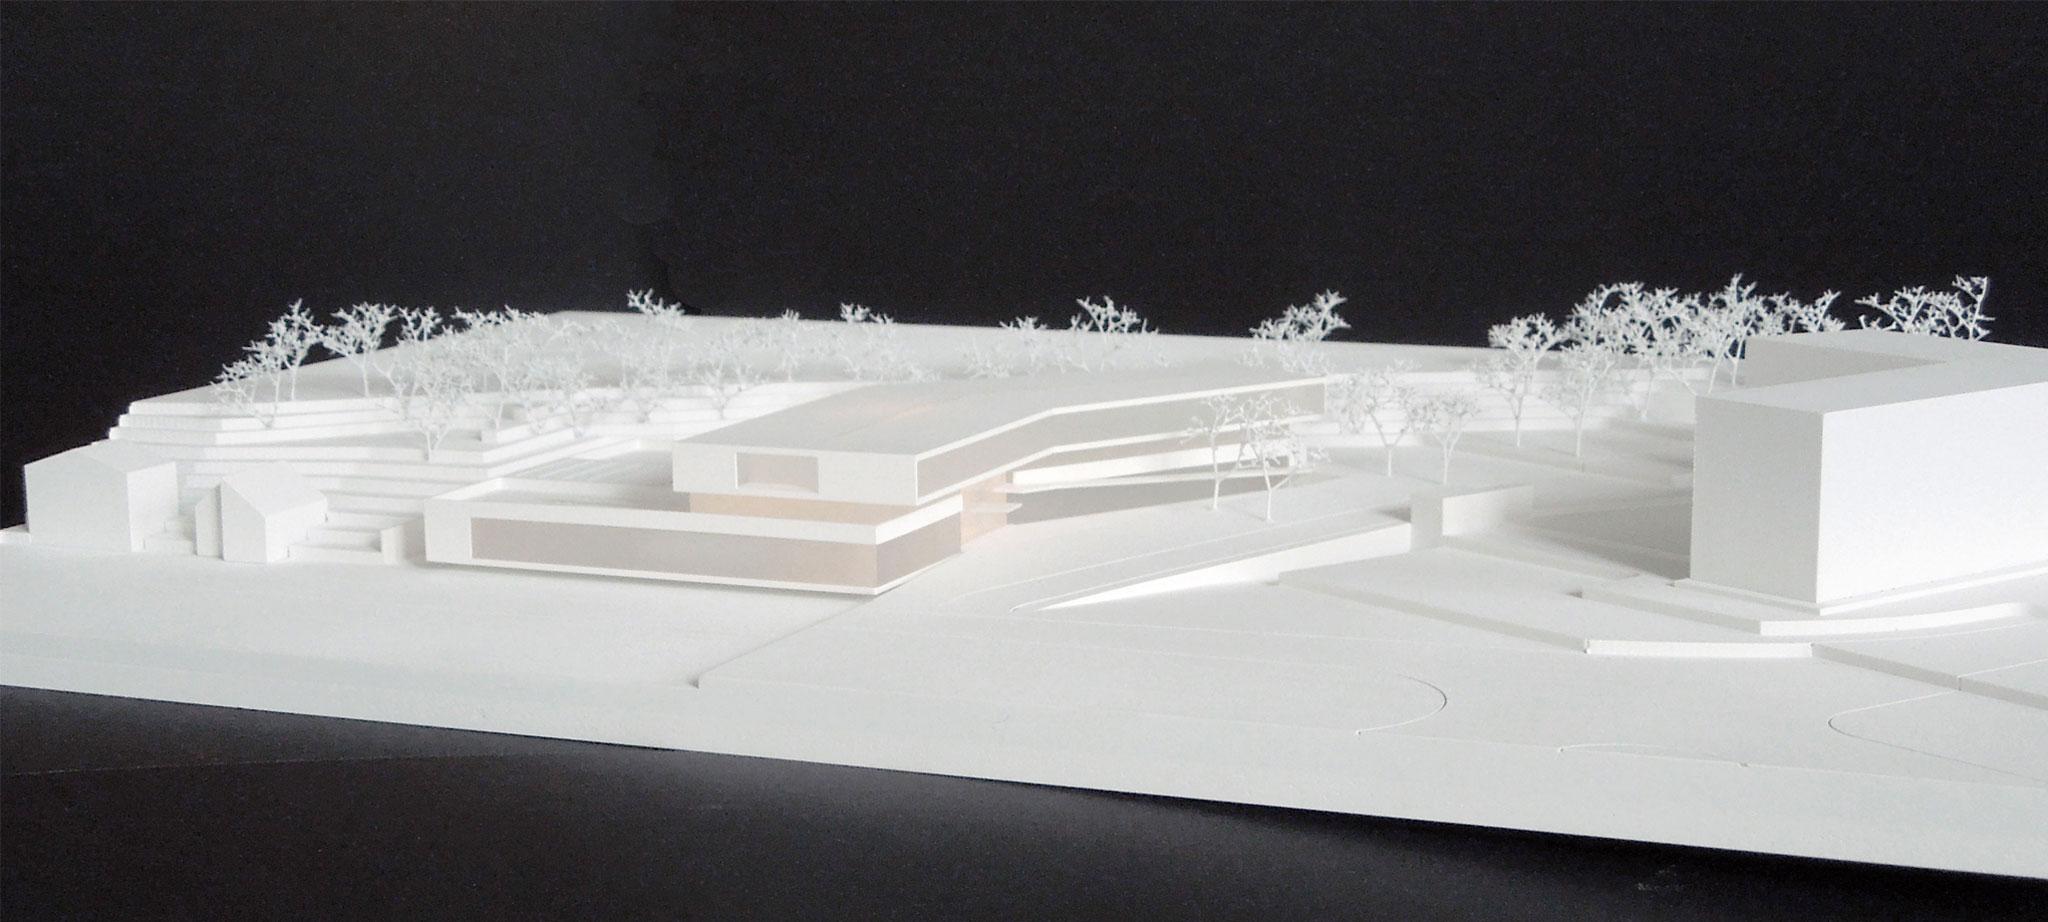 1487_Gesundheitszentrum-Modellfoto.jpg